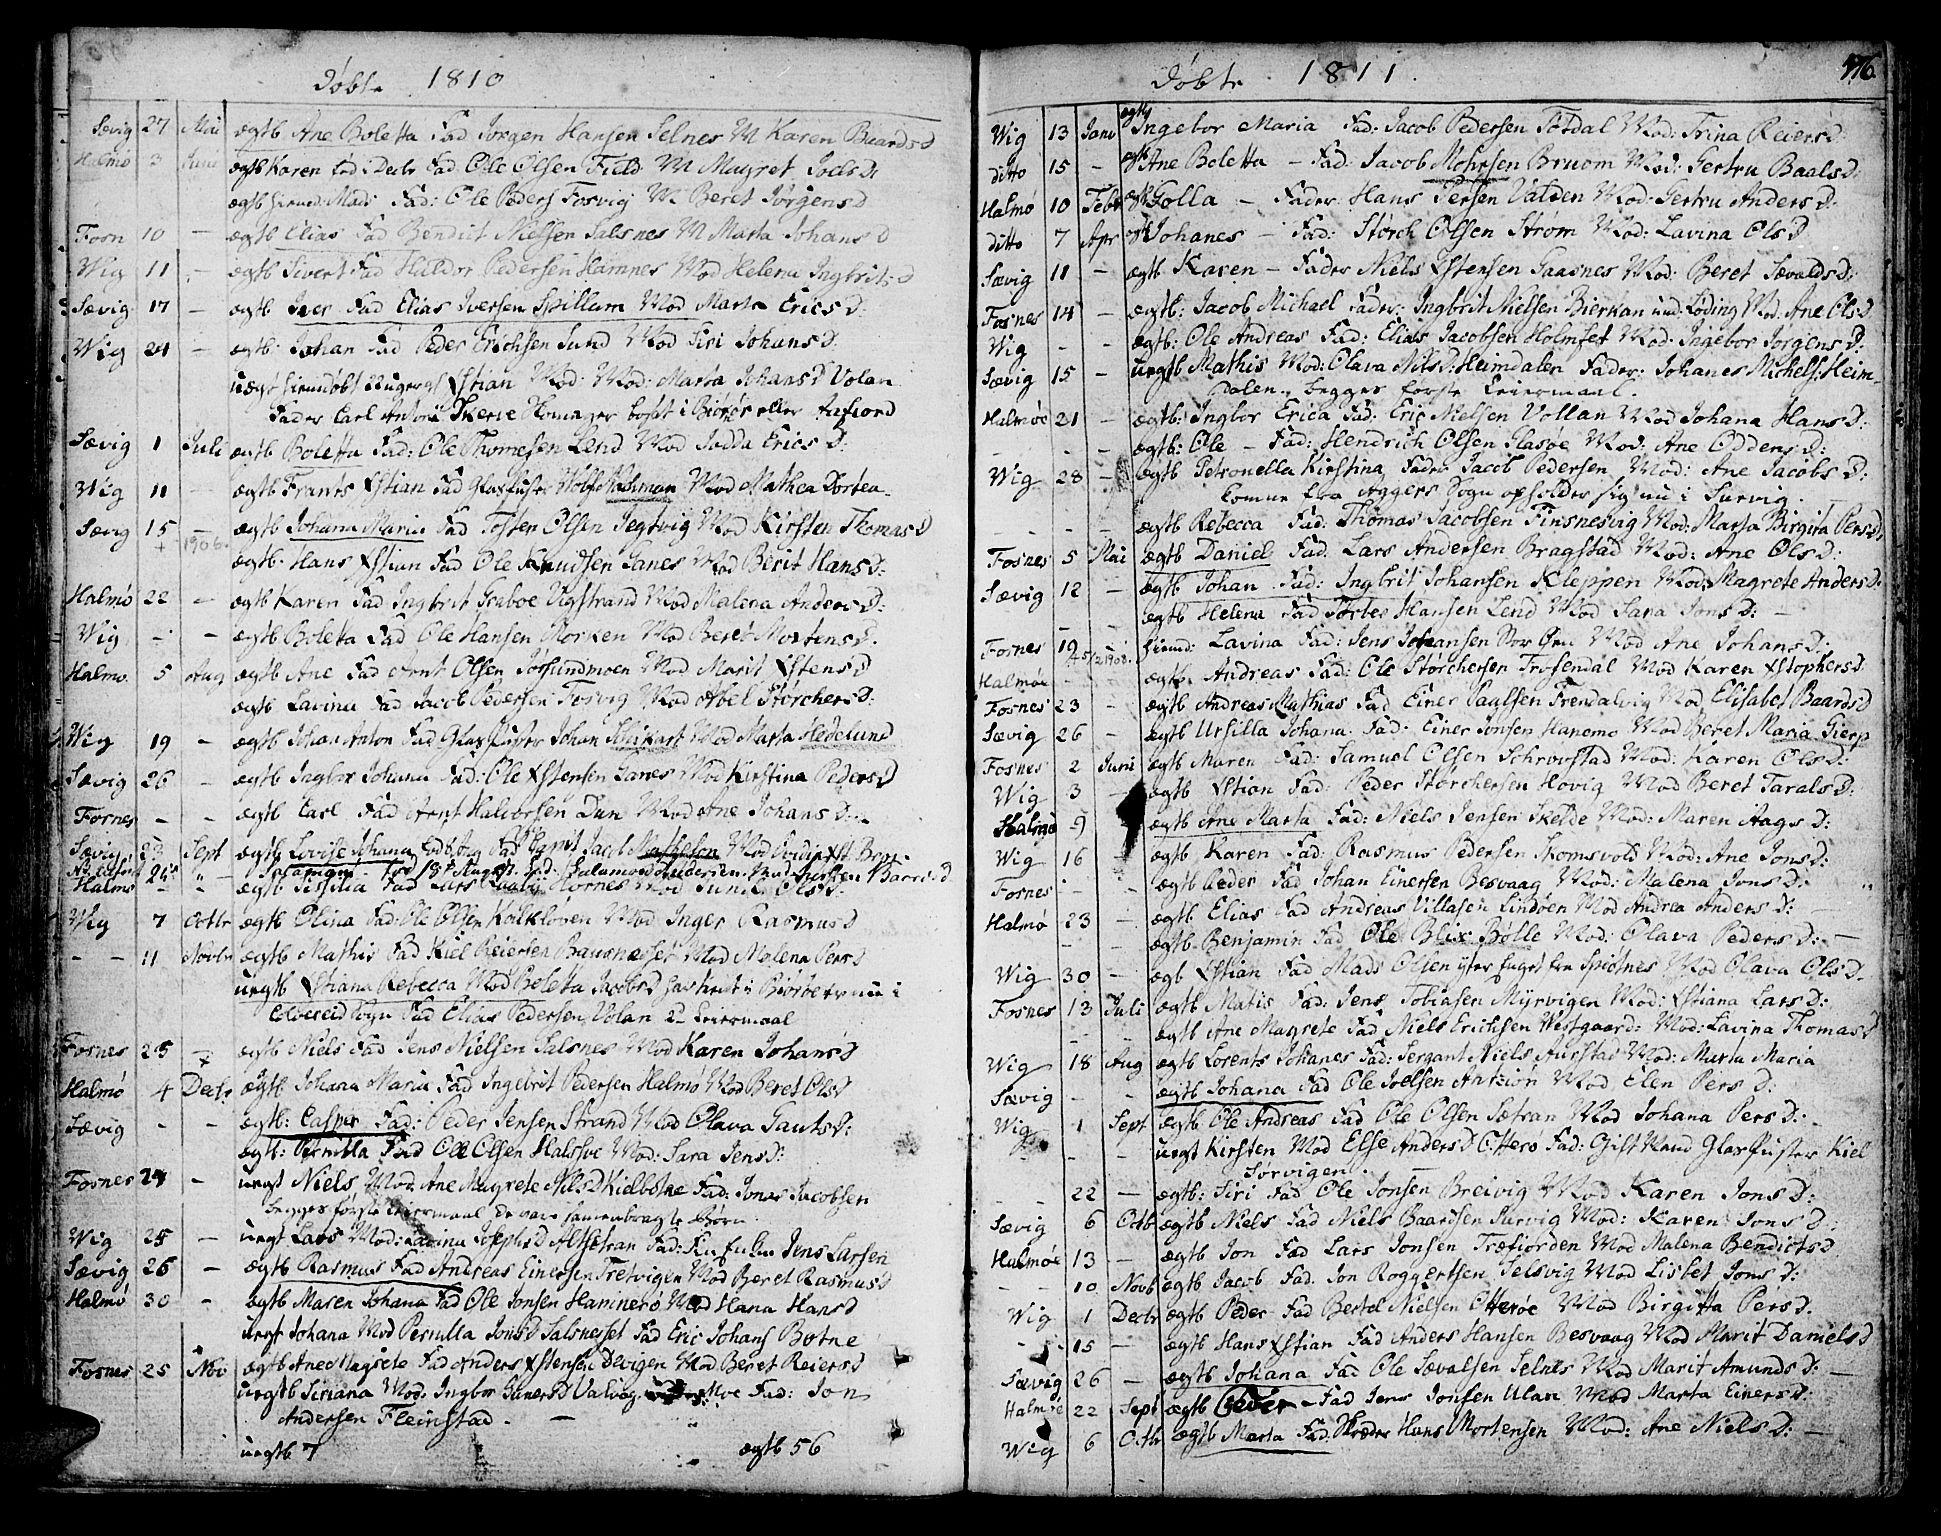 SAT, Ministerialprotokoller, klokkerbøker og fødselsregistre - Nord-Trøndelag, 773/L0608: Ministerialbok nr. 773A02, 1784-1816, s. 176